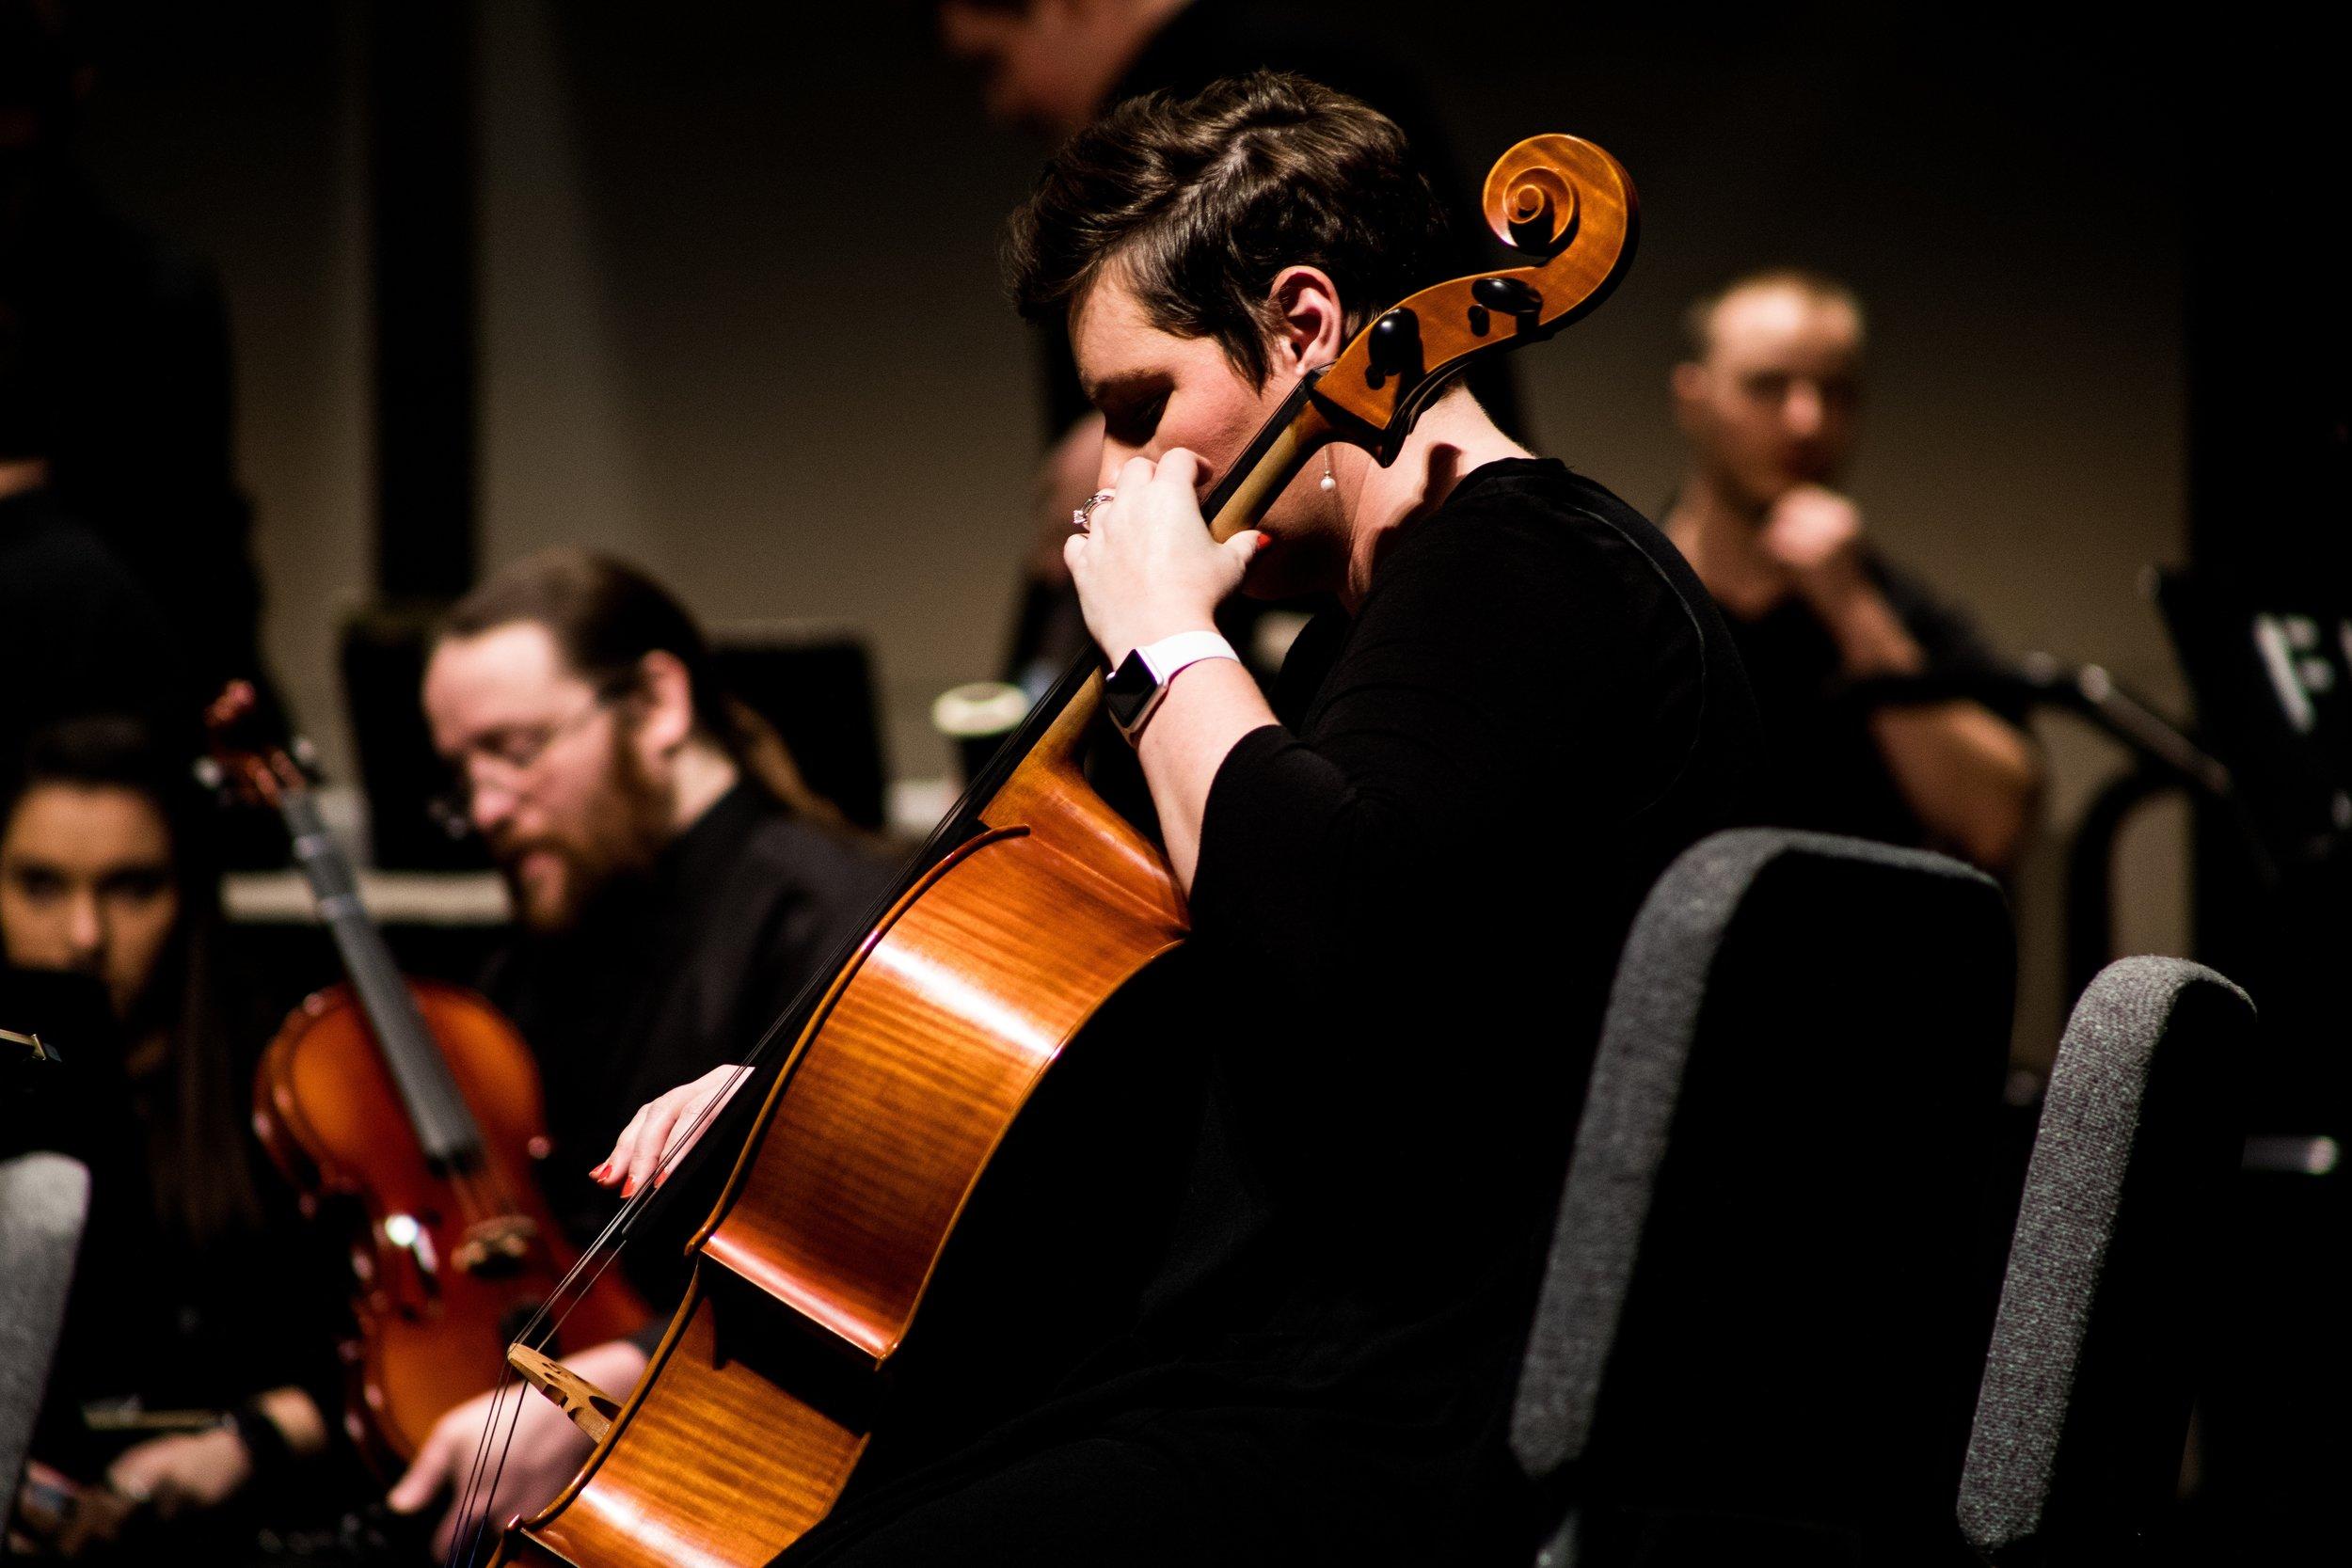 cello kael-bloom-567372-unsplash.jpg